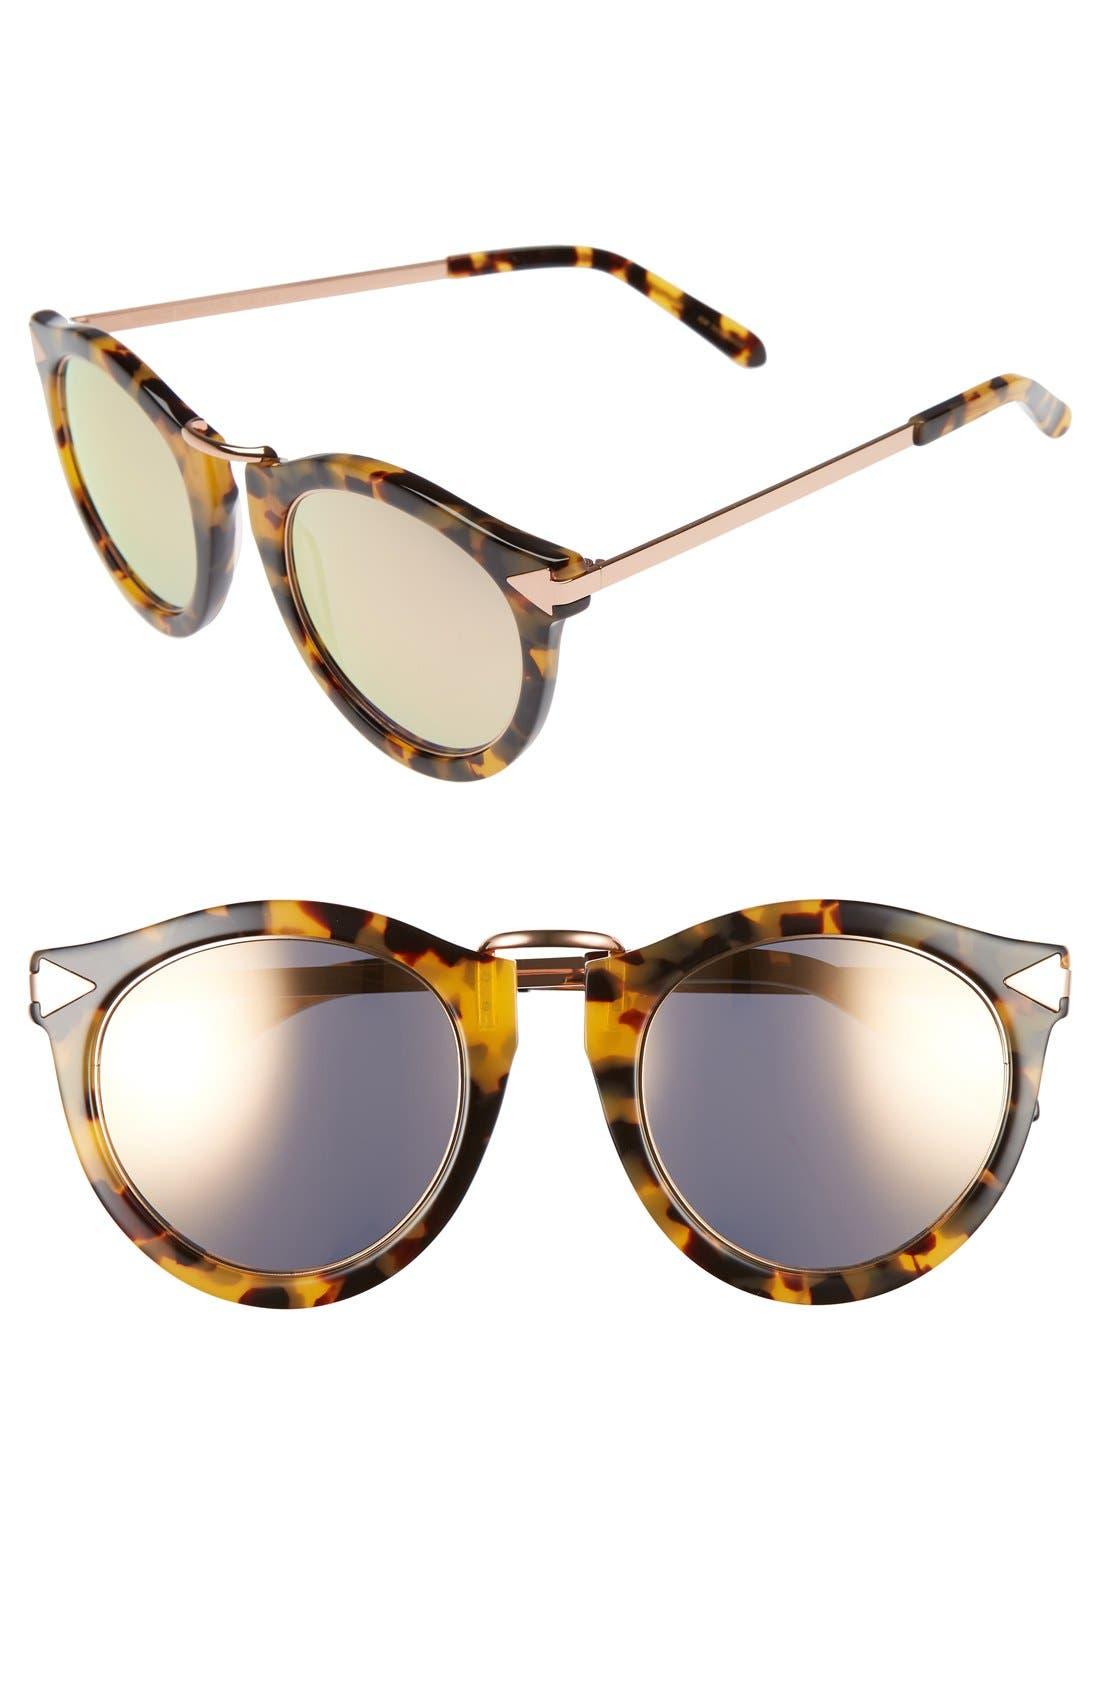 Alternate Image 1 Selected - Karen Walker 'Harvest - Superstars' 51mm Retro Sunglasses